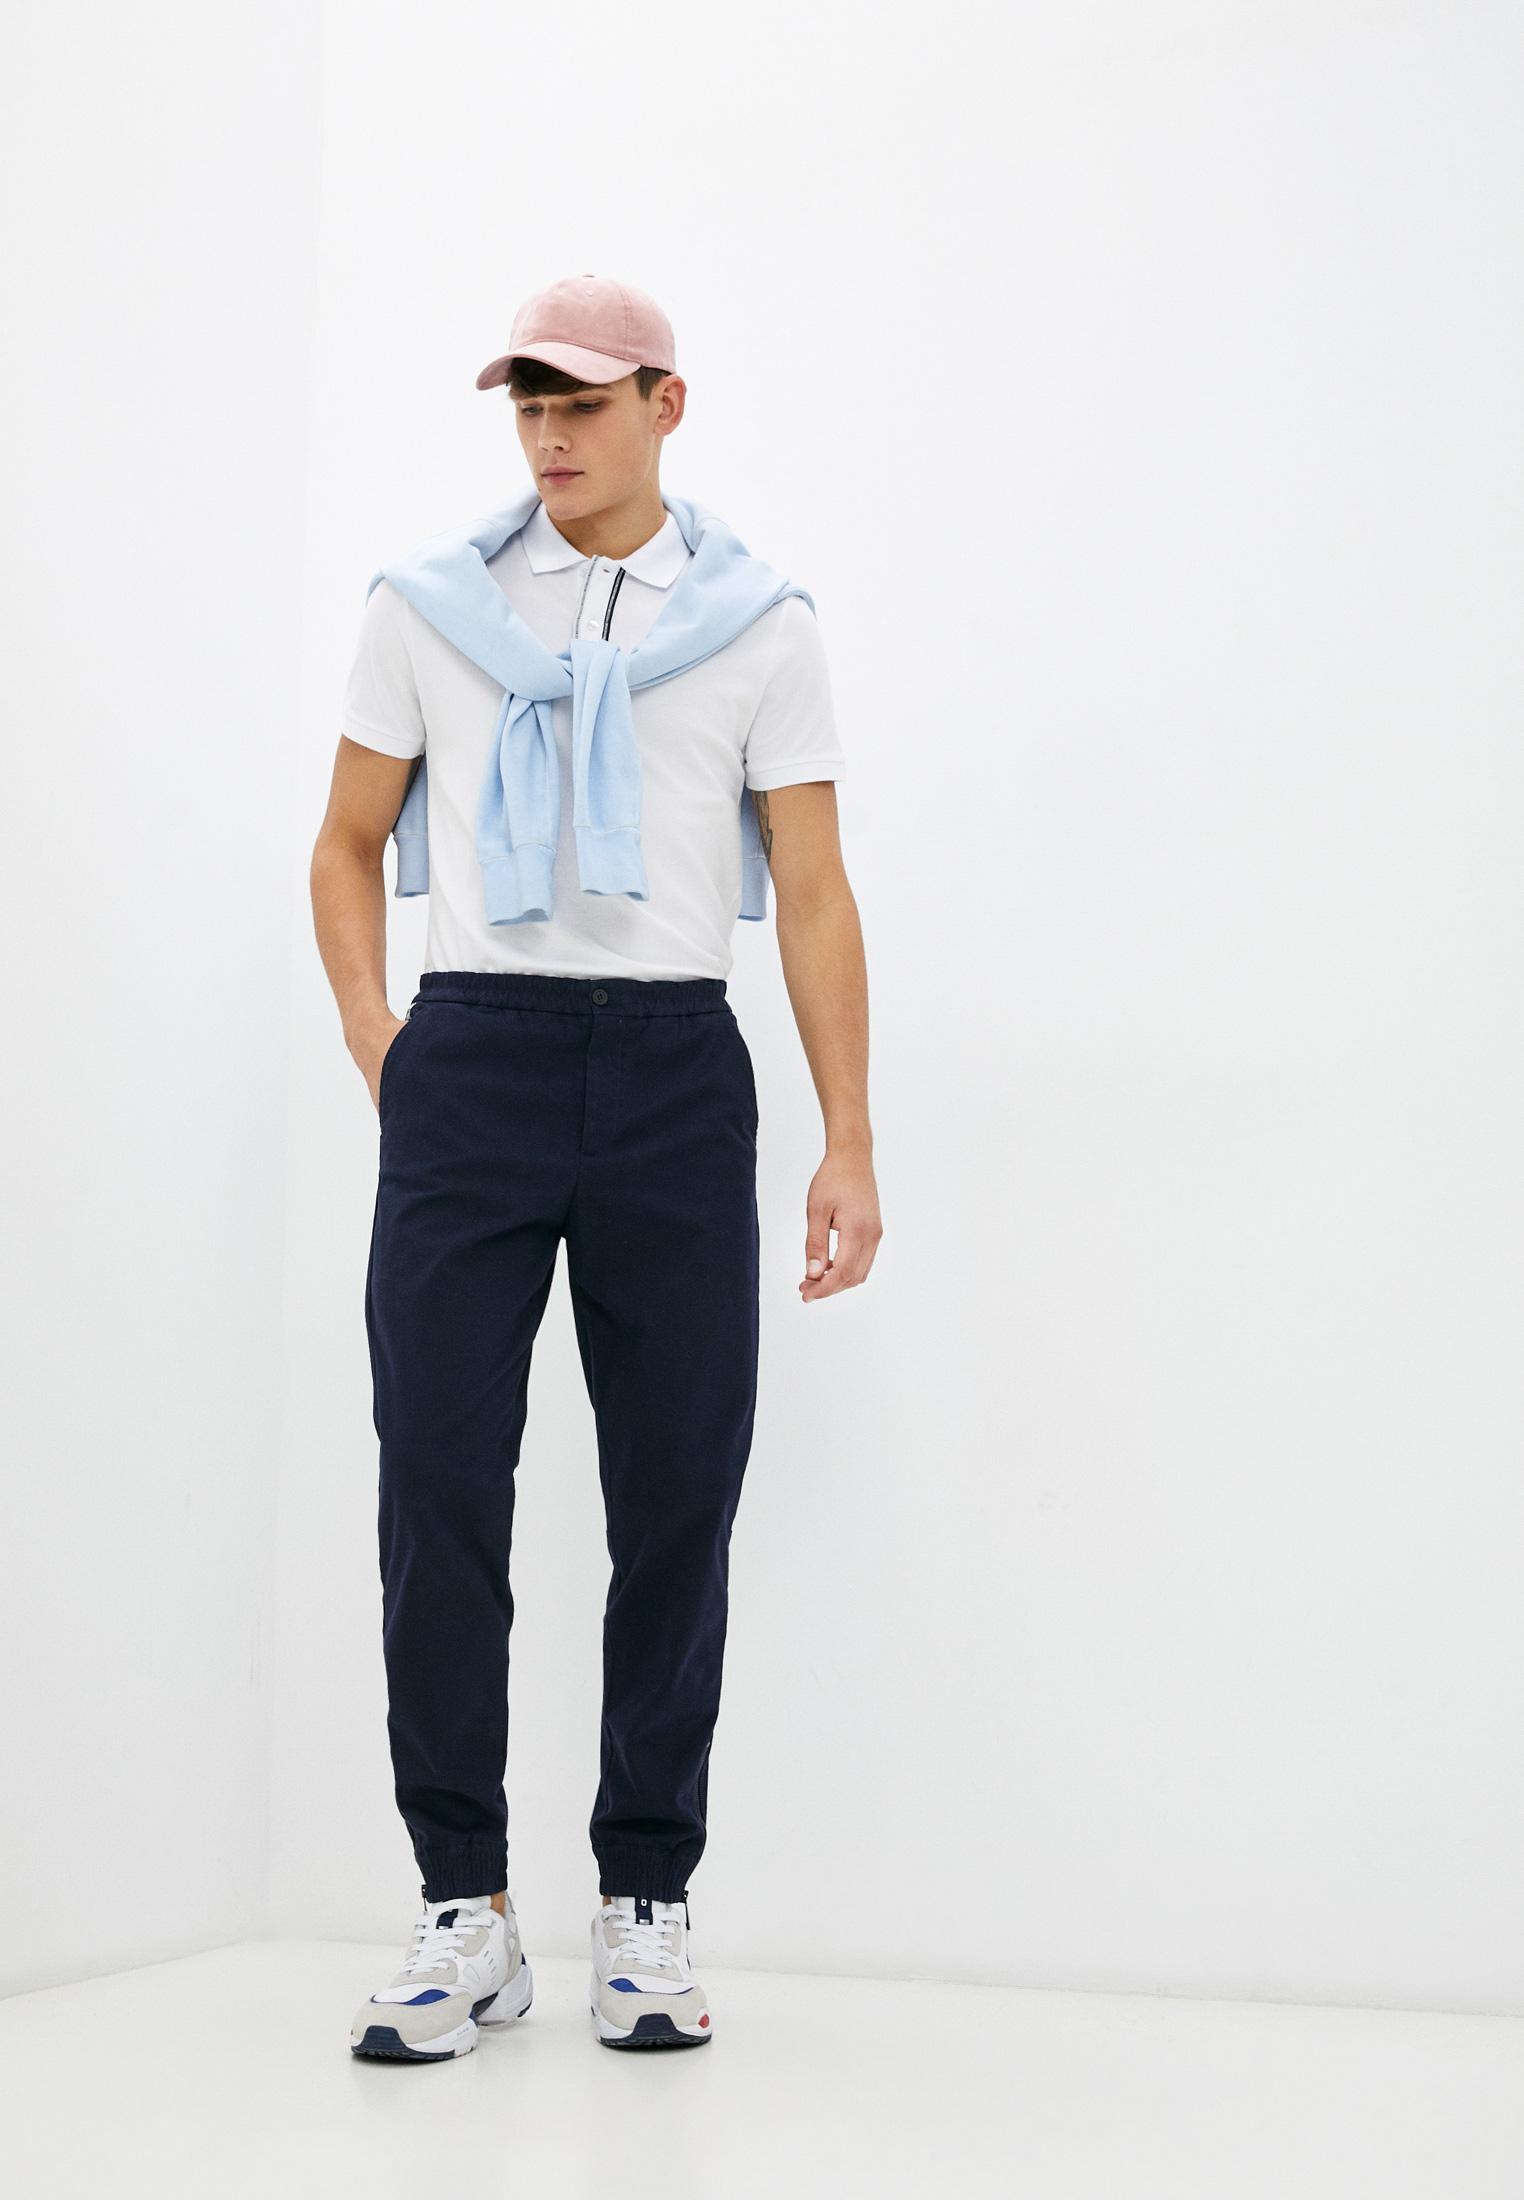 Мужские повседневные брюки Bikkembergs (Биккембергс) C P 039 00 S 3330: изображение 13